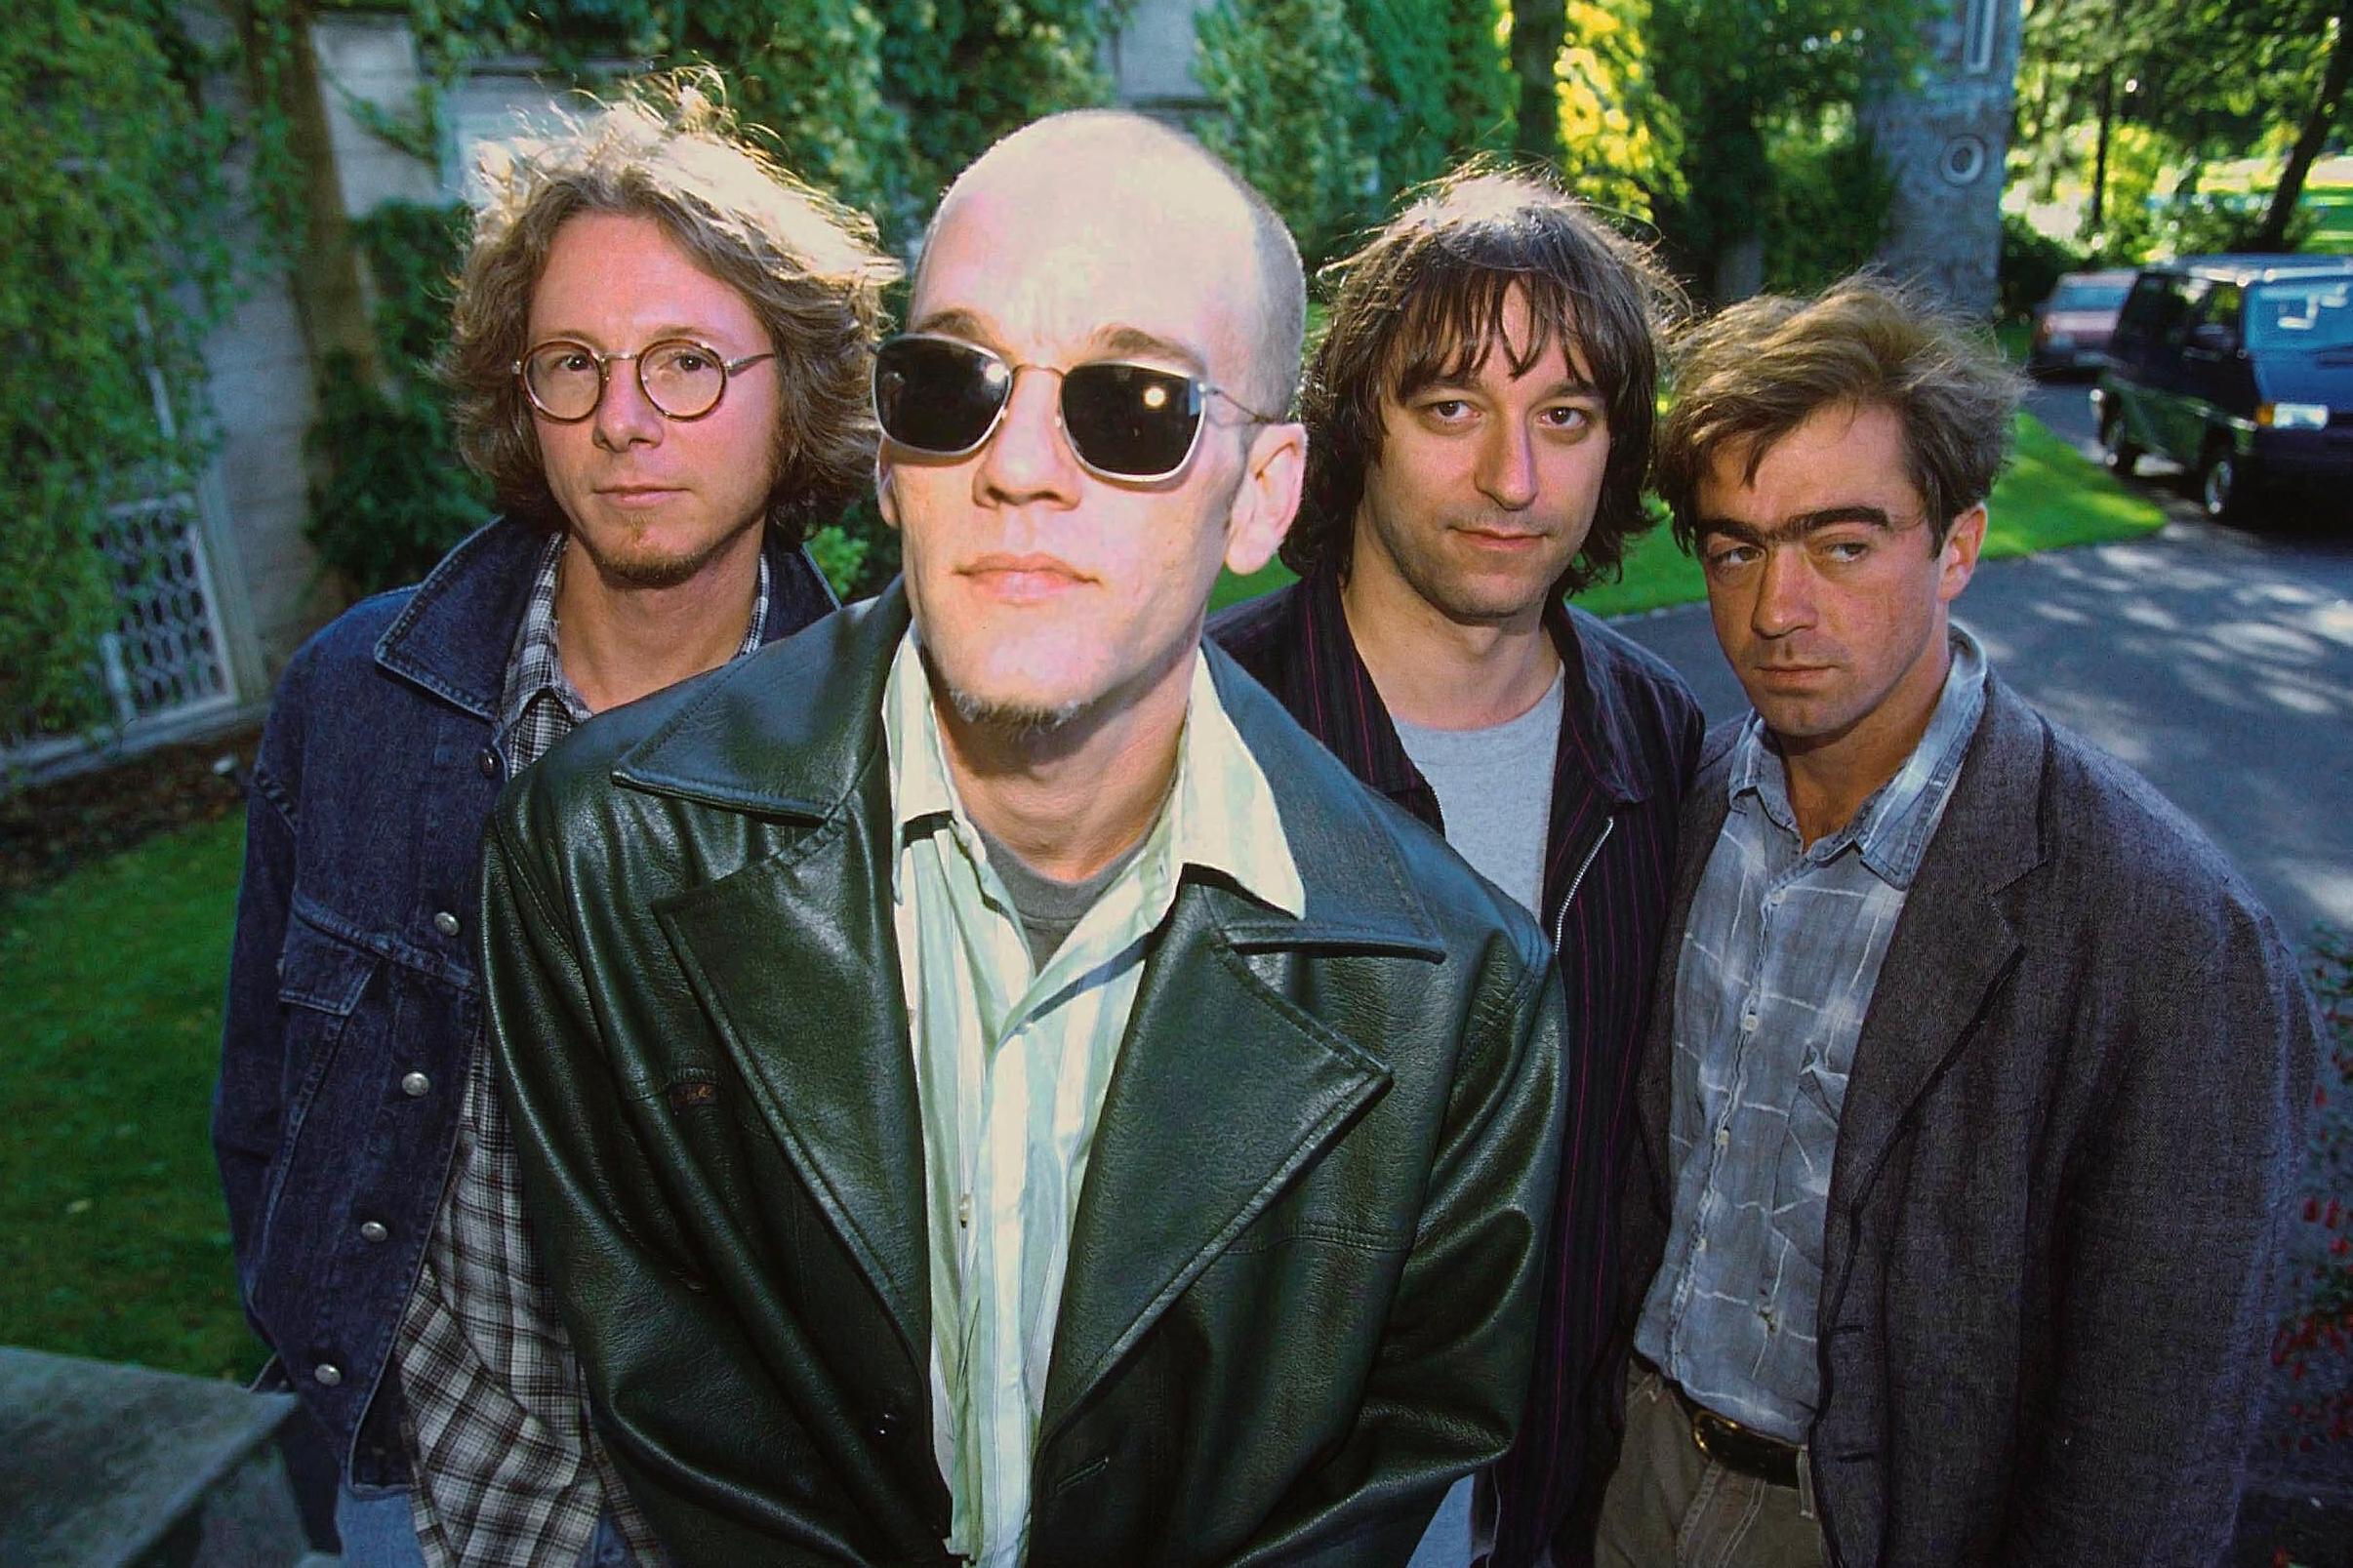 R.E.M. in Ireland in 1994.